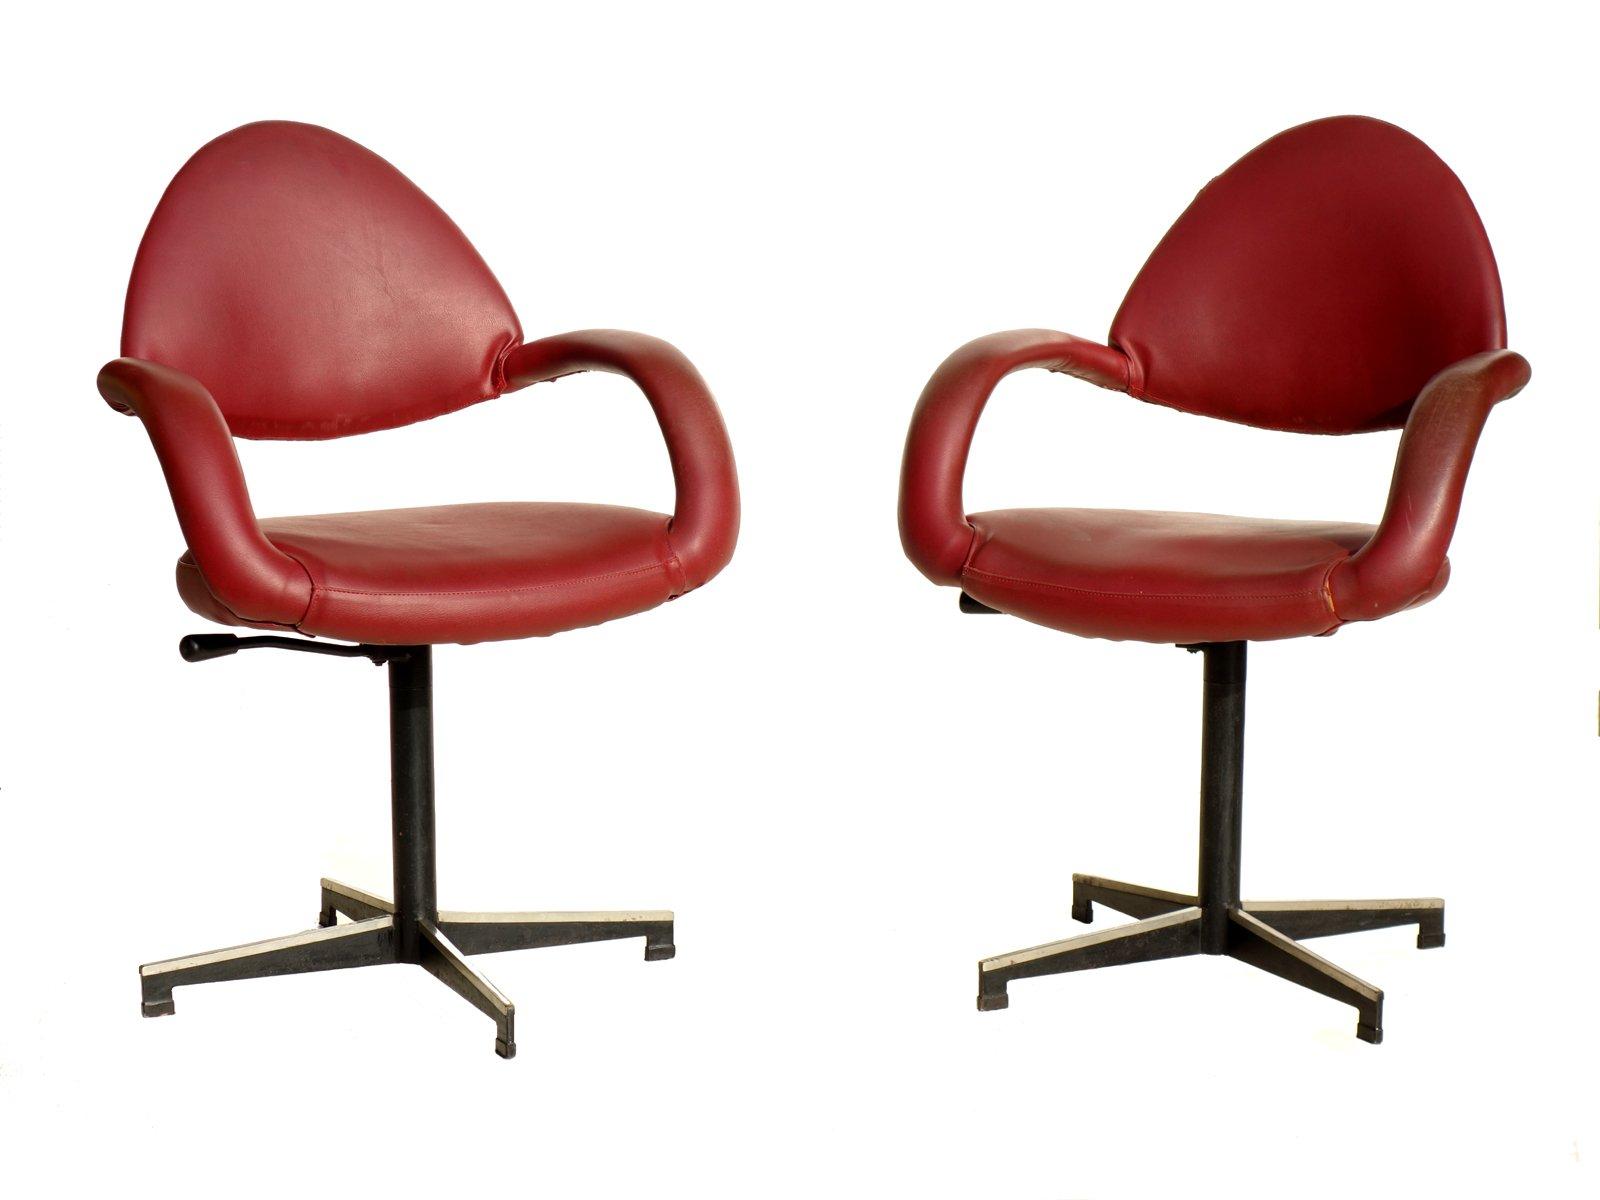 Sedie da ufficio di gastone rinaldi per rima anni 39 50 for Sedute da ufficio